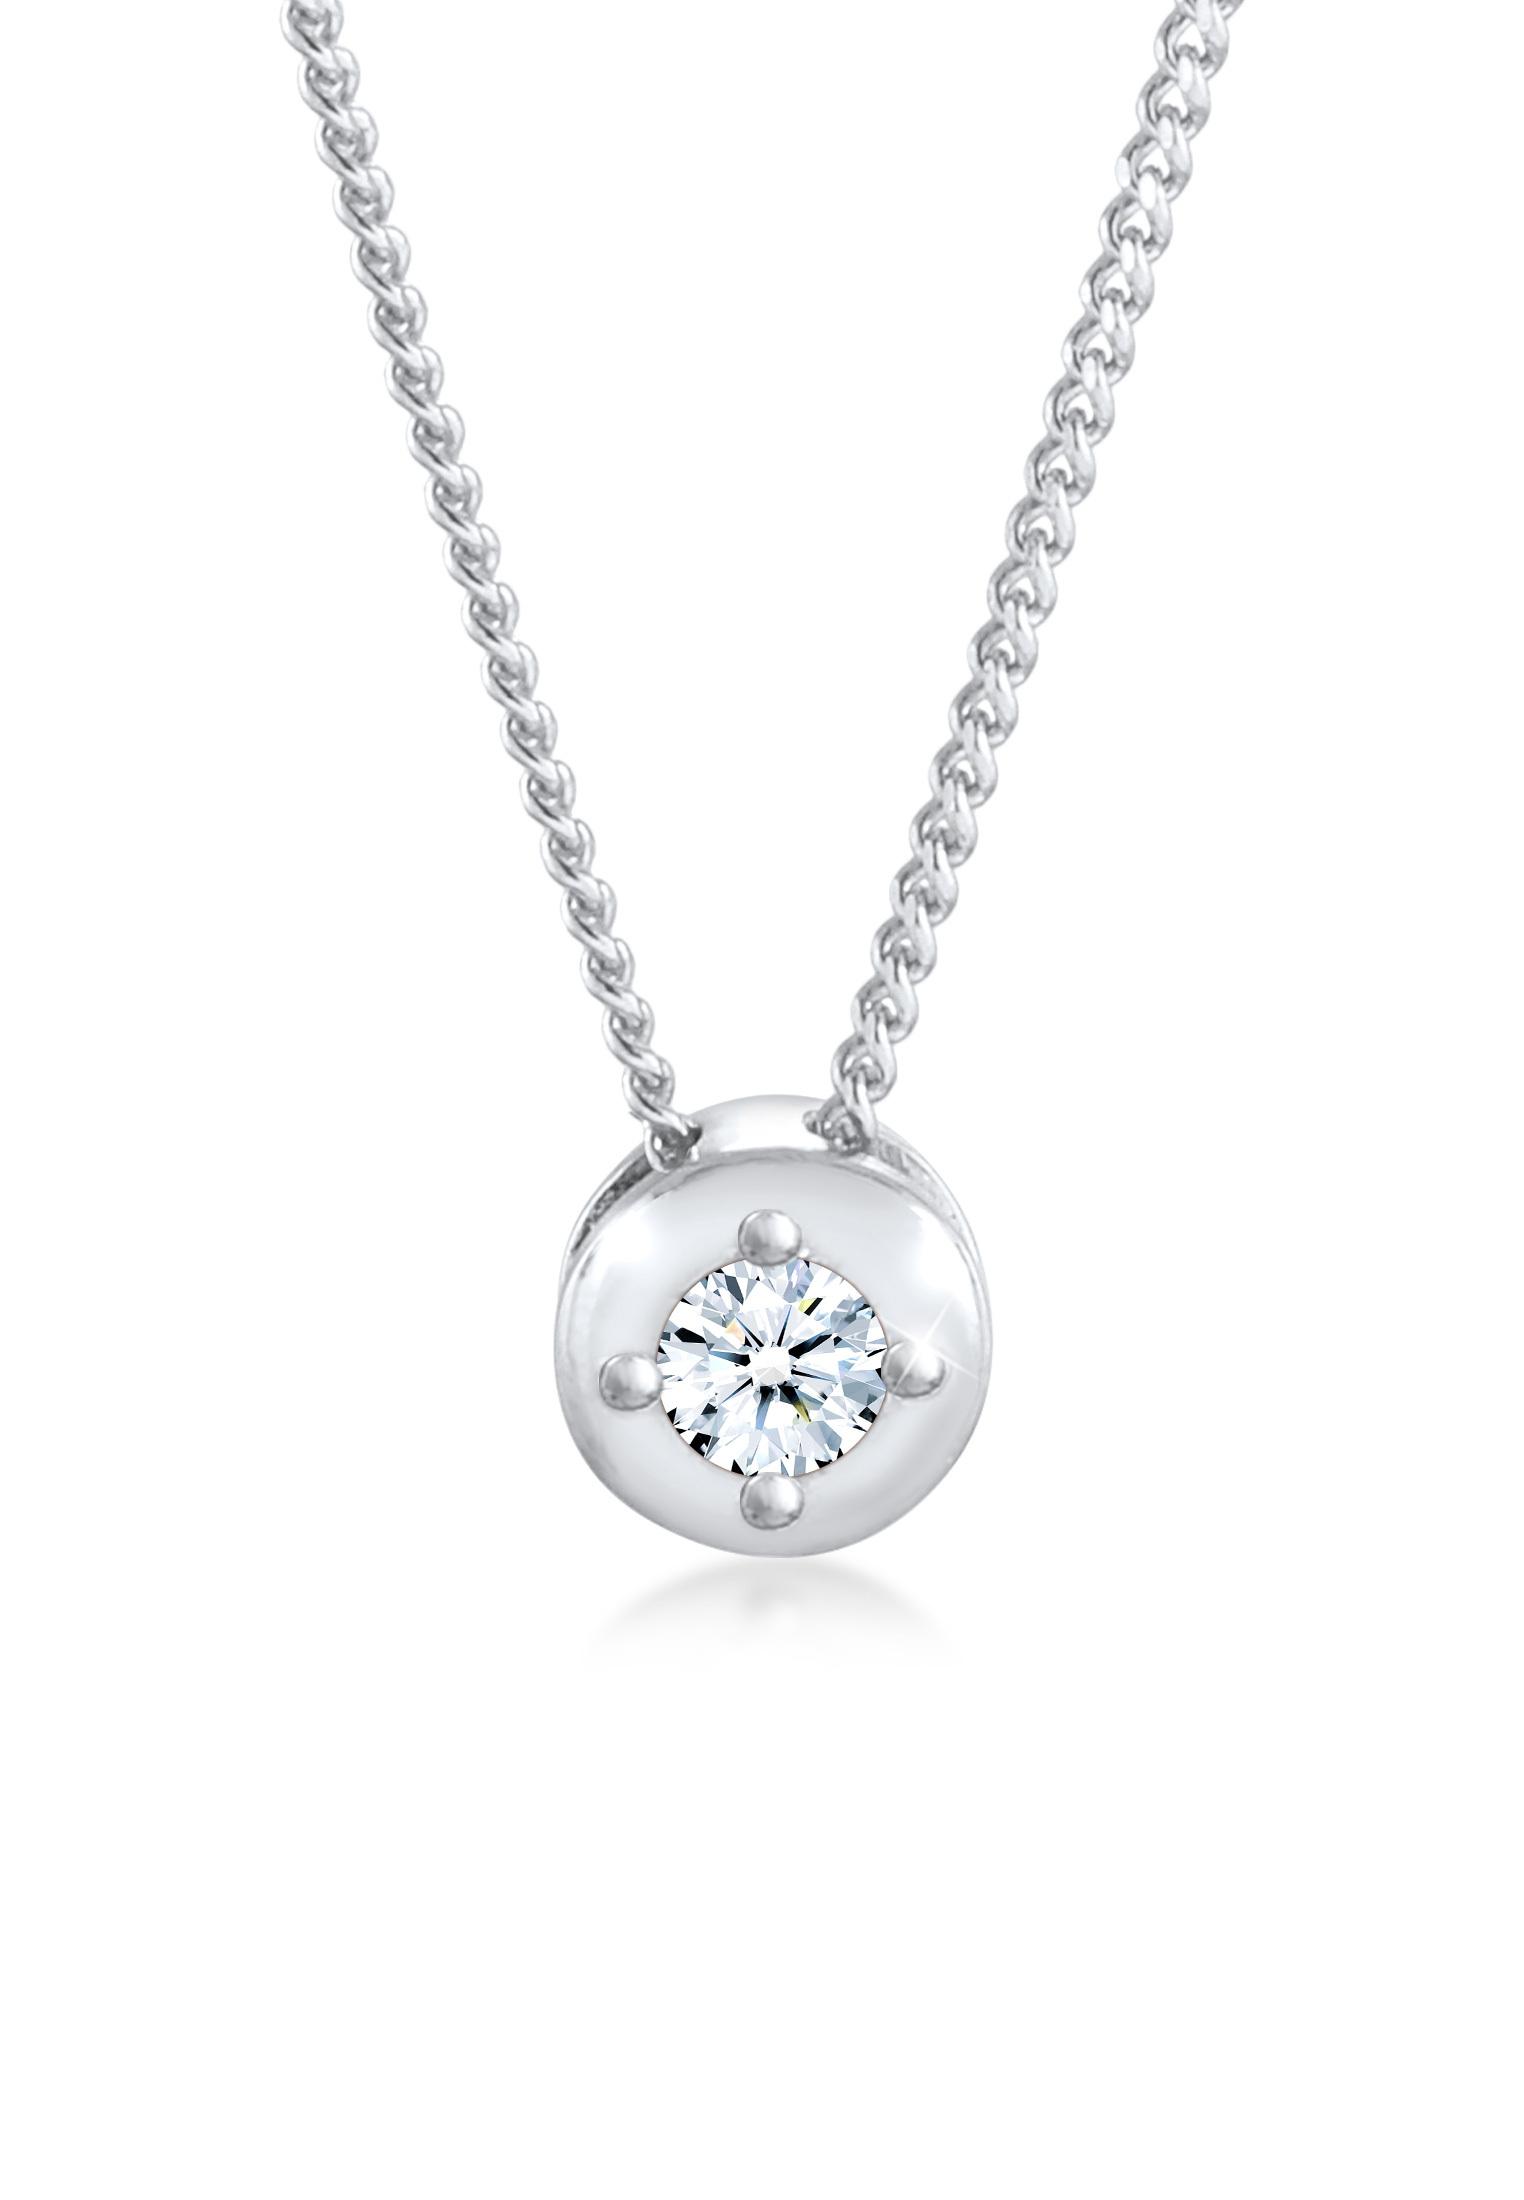 Halskette Solitär Klassisch | Diamant (0.11 ct.) | 925er Sterling Silber